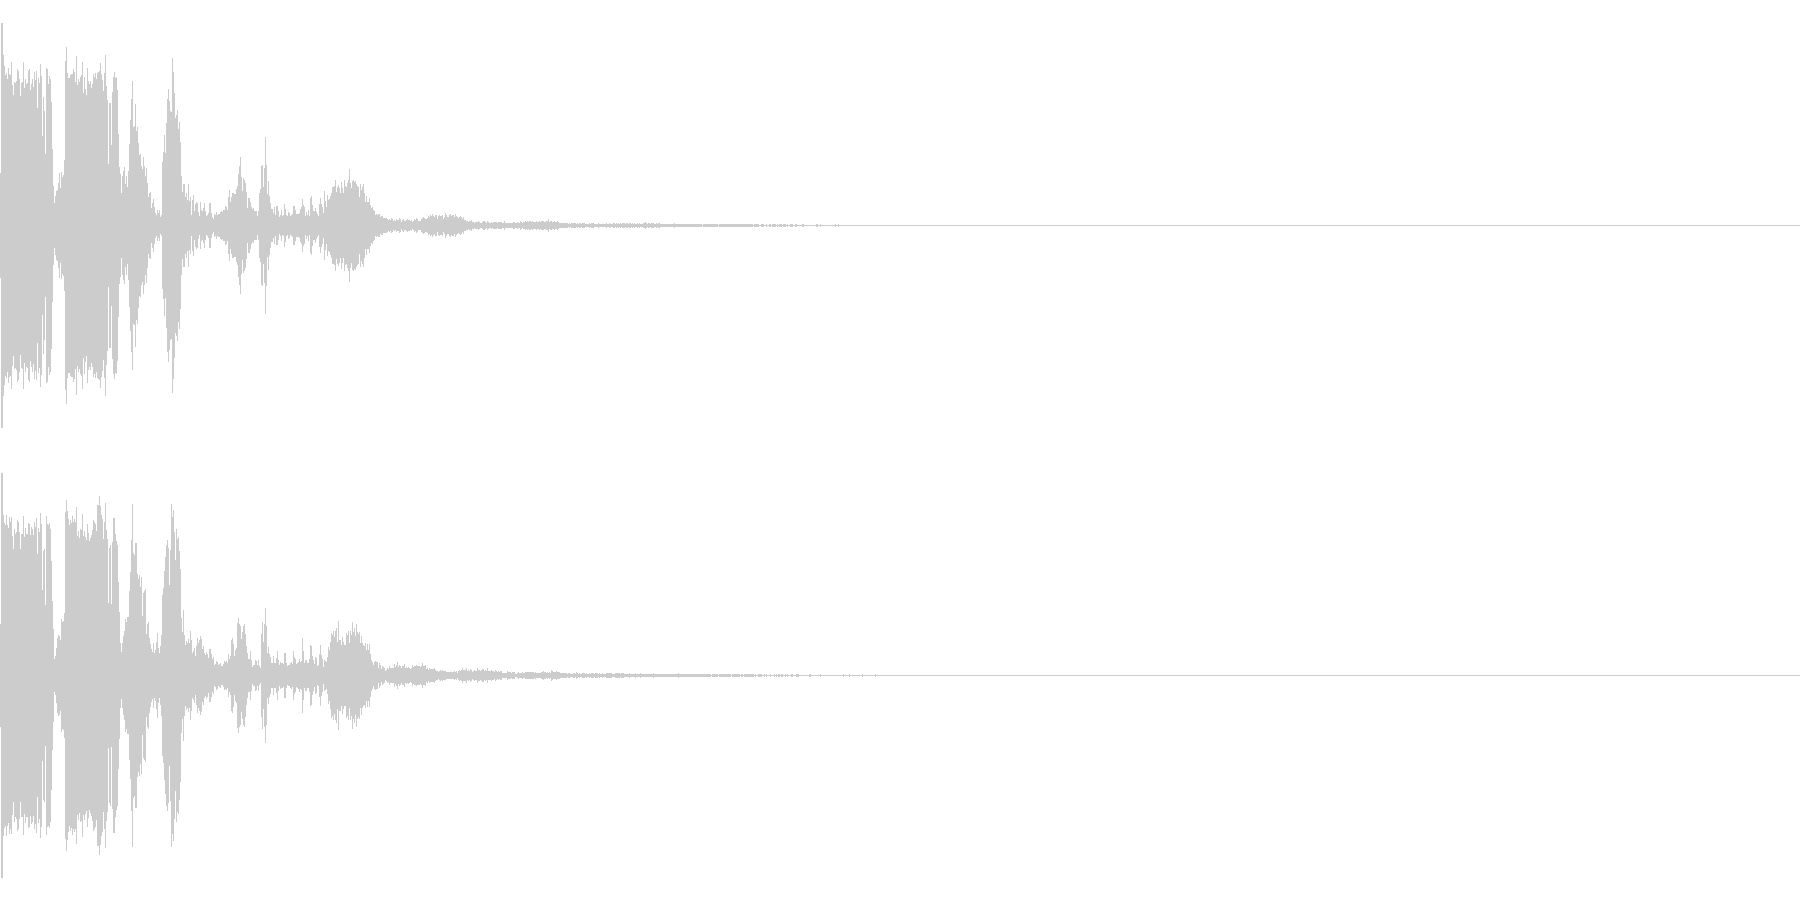 ブンブン ボイス入り 動画の自己紹介にの未再生の波形